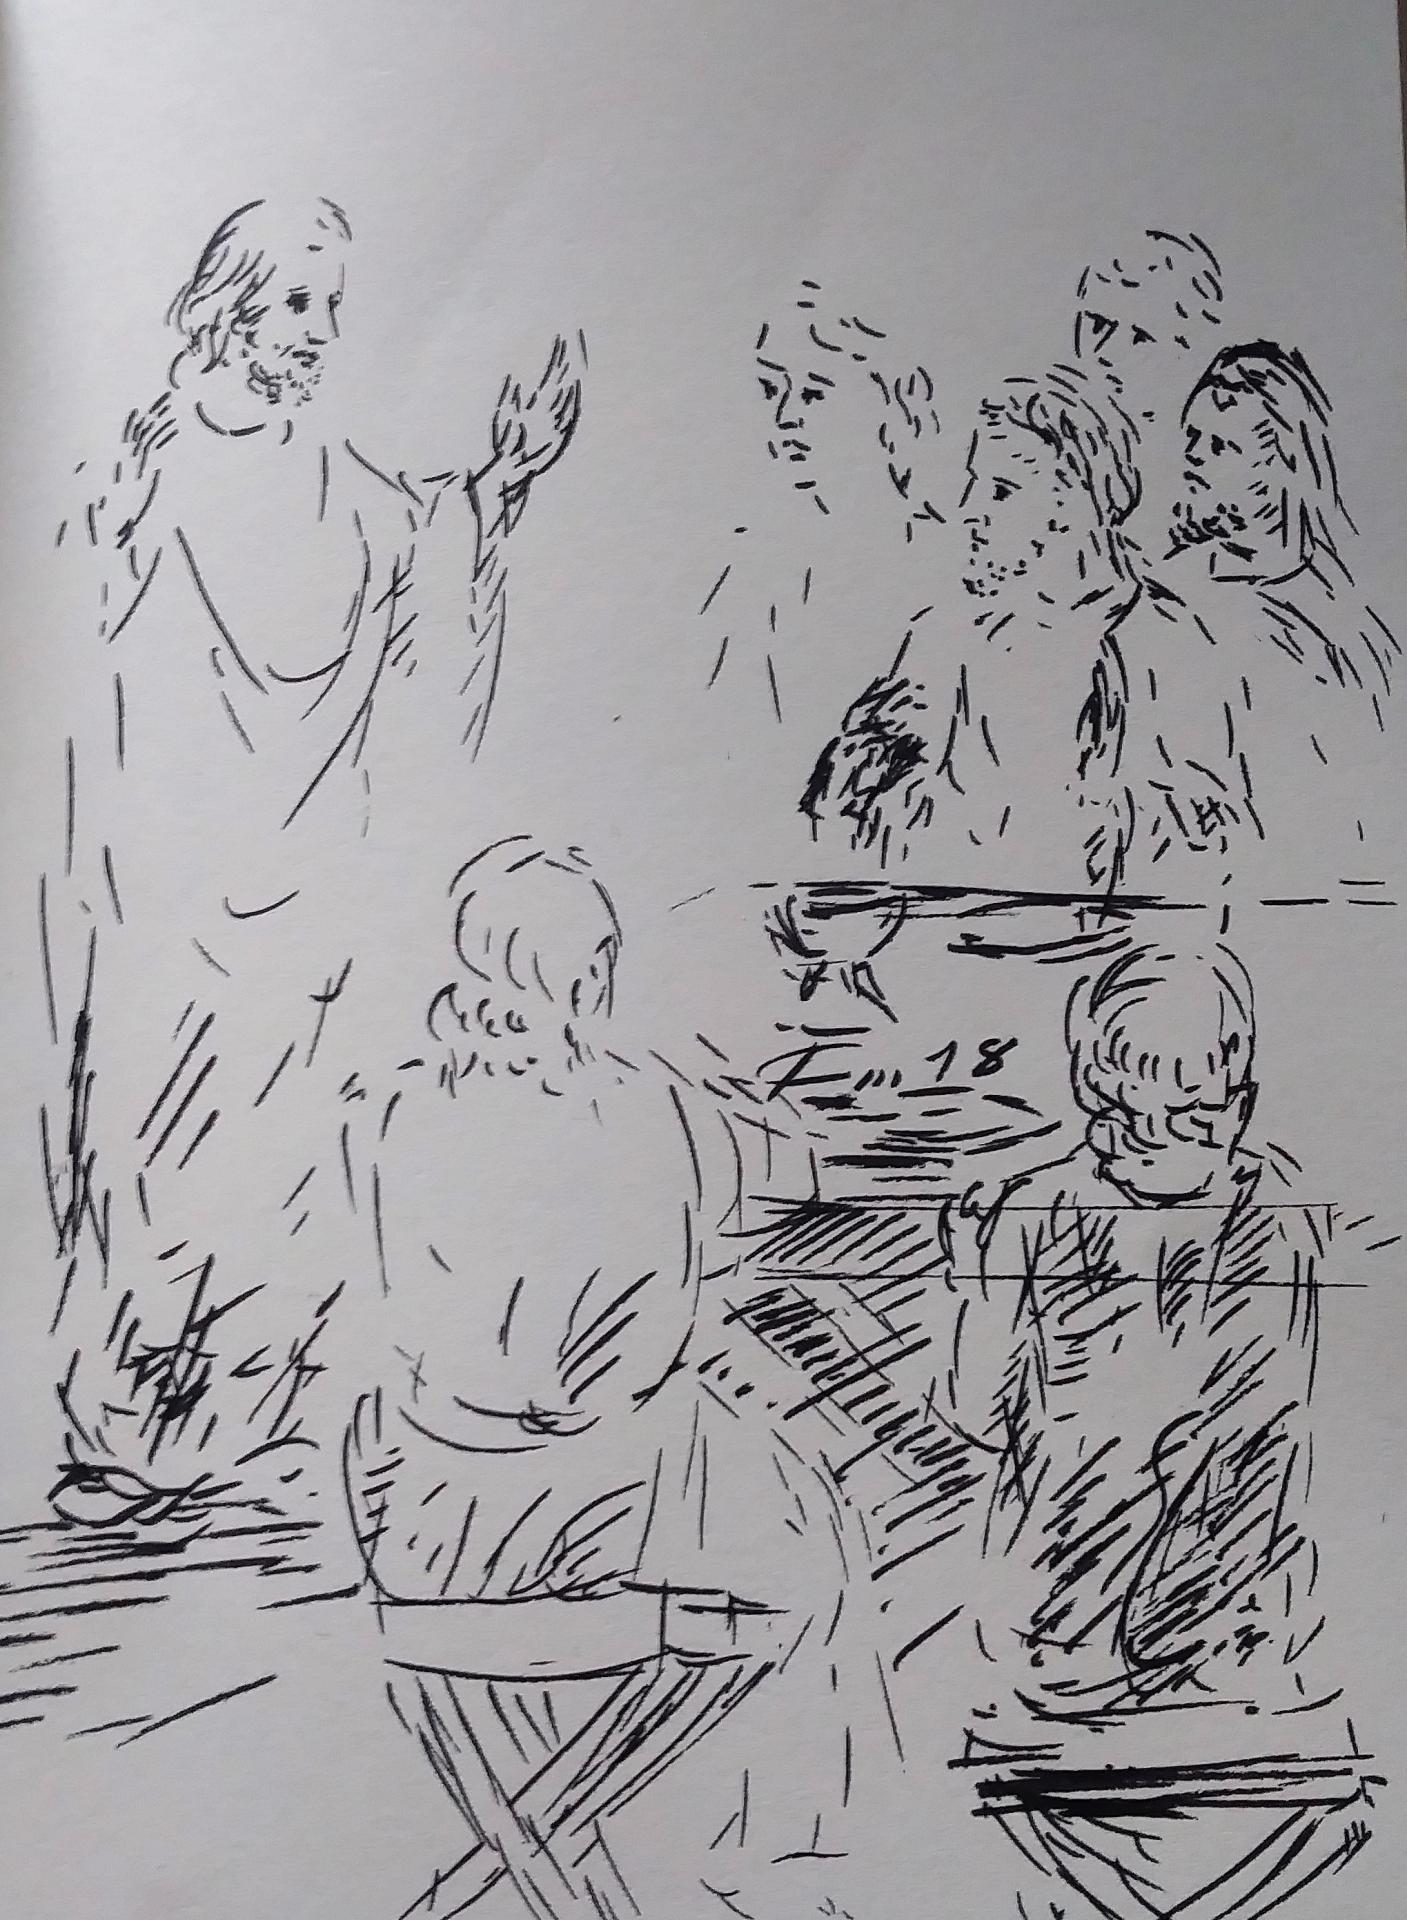 15 Avril 2018, évangile du jour illustré par un dessin au lavis